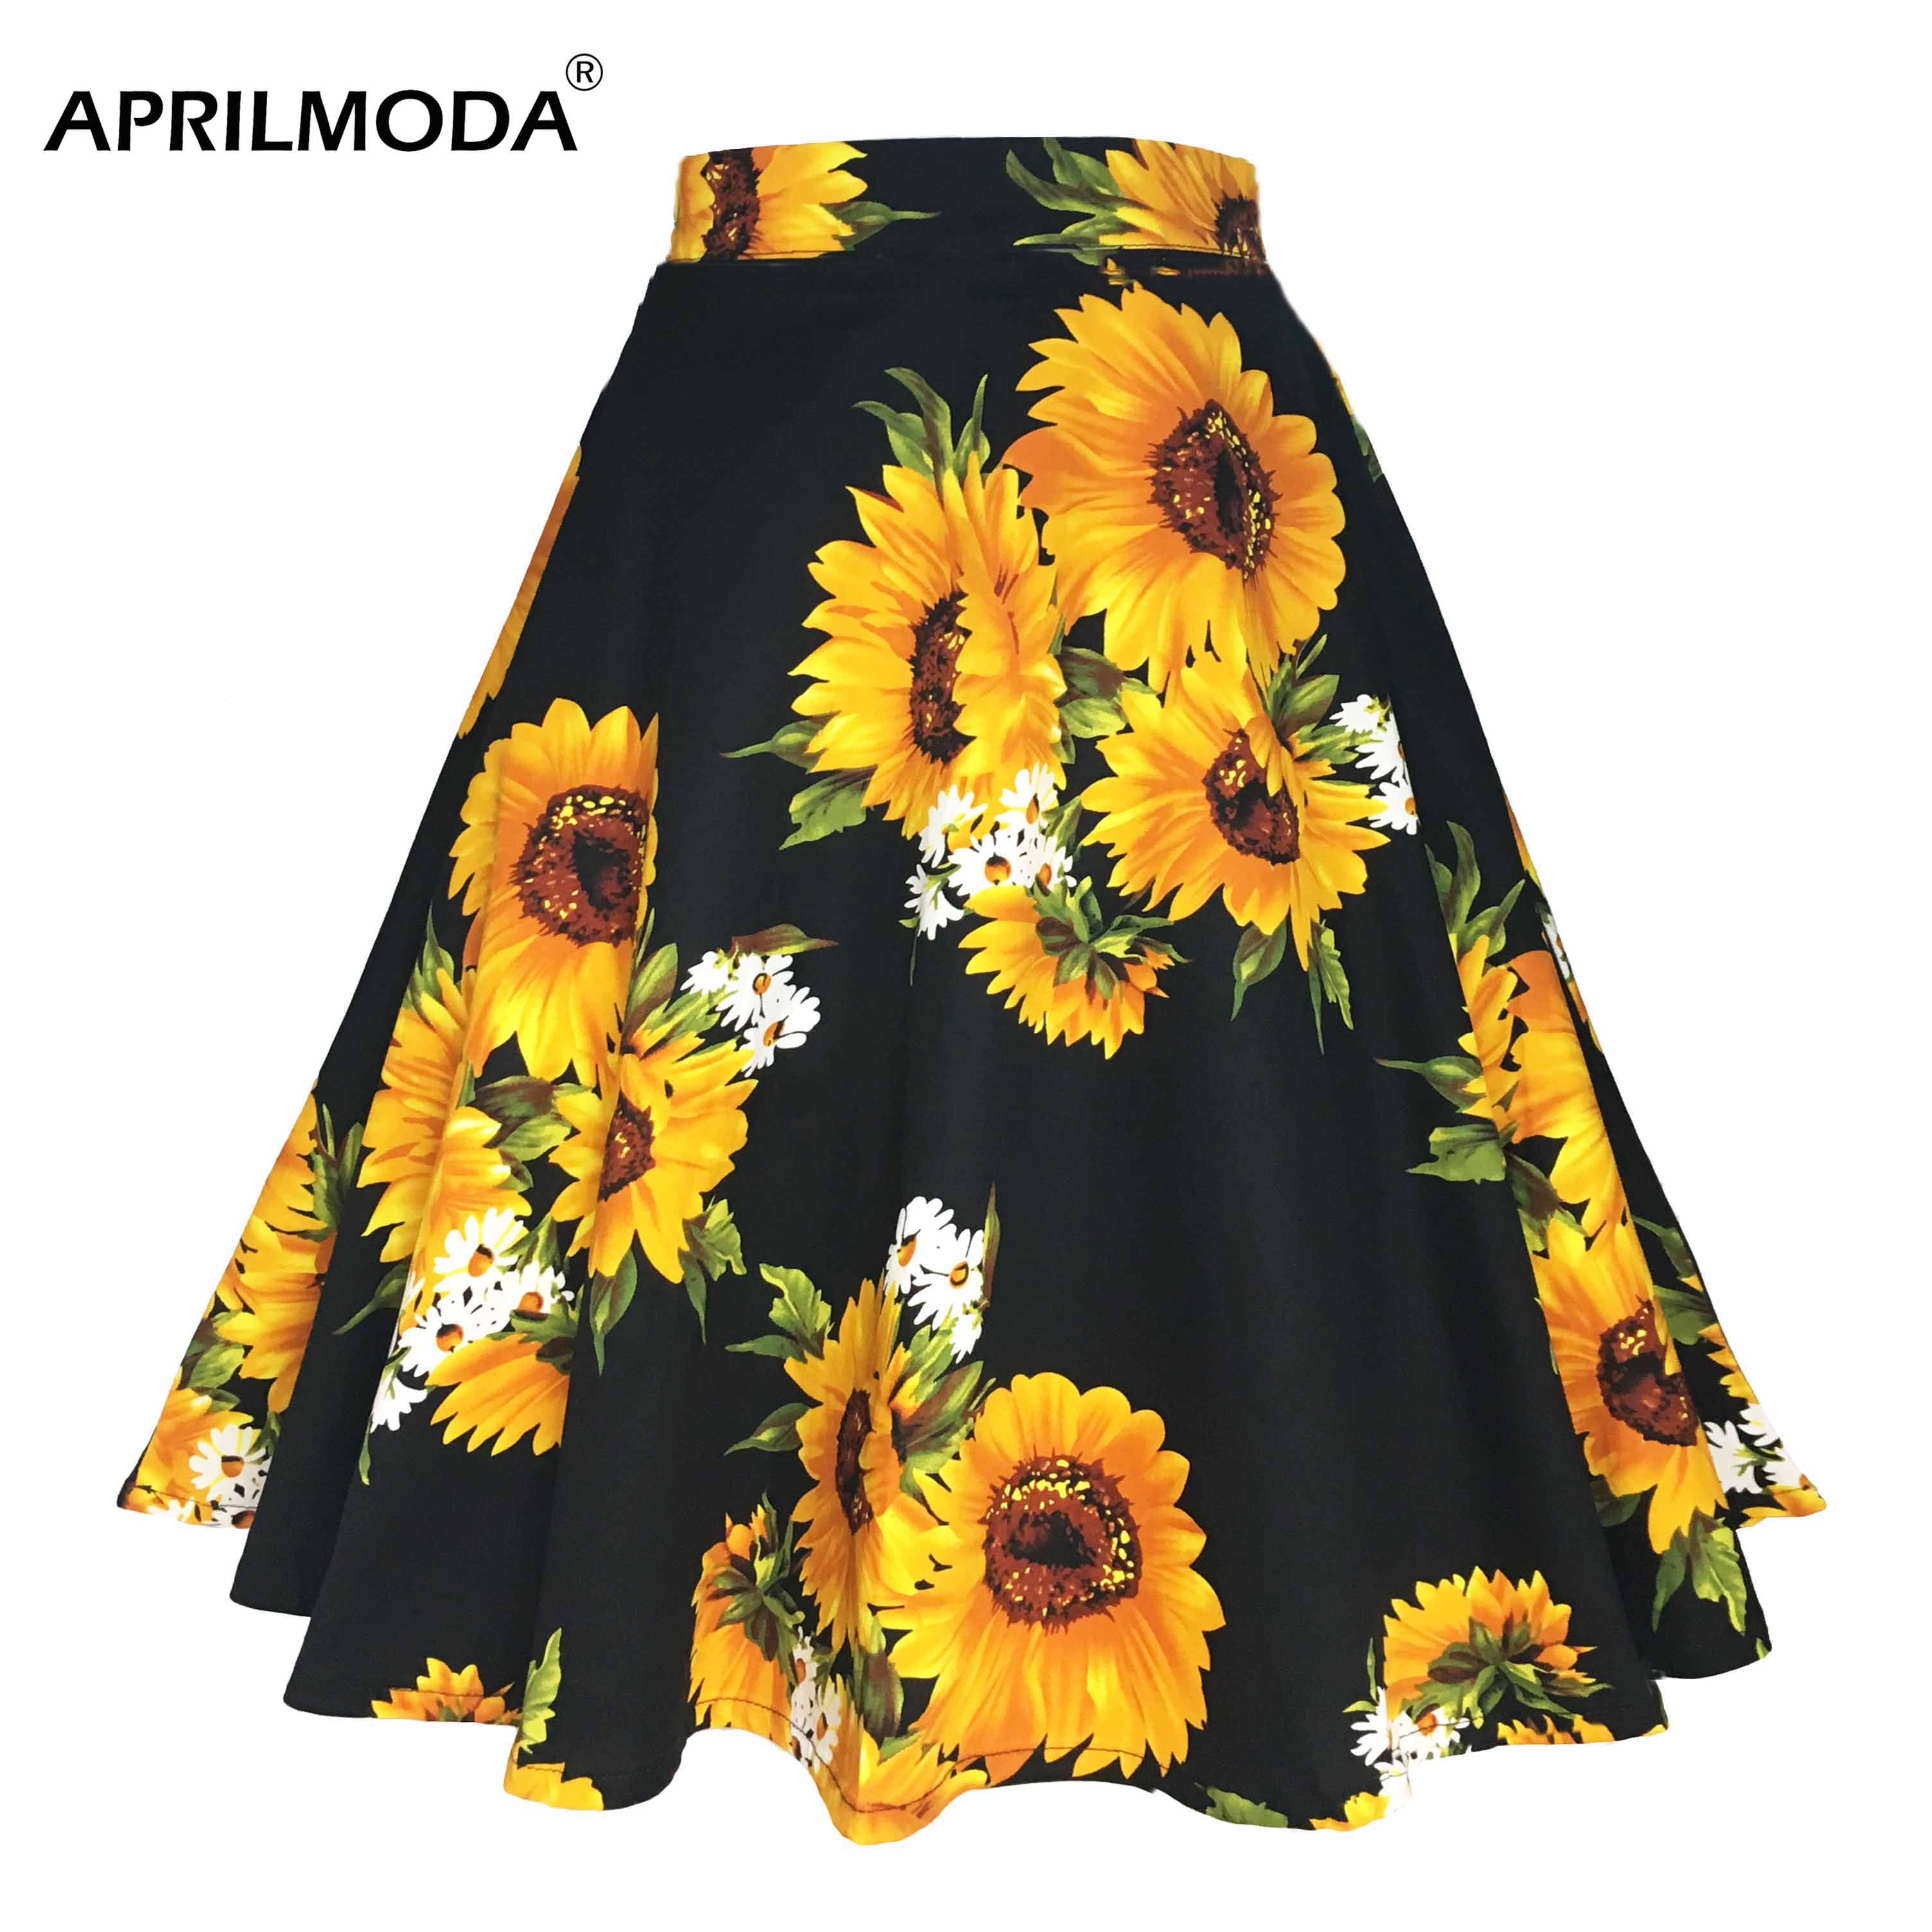 2019 летняя винтажная повседневная юбка размера плюс с цветочным принтом и подсолнухами, приталенная юбка на молнии средней длины, Женская